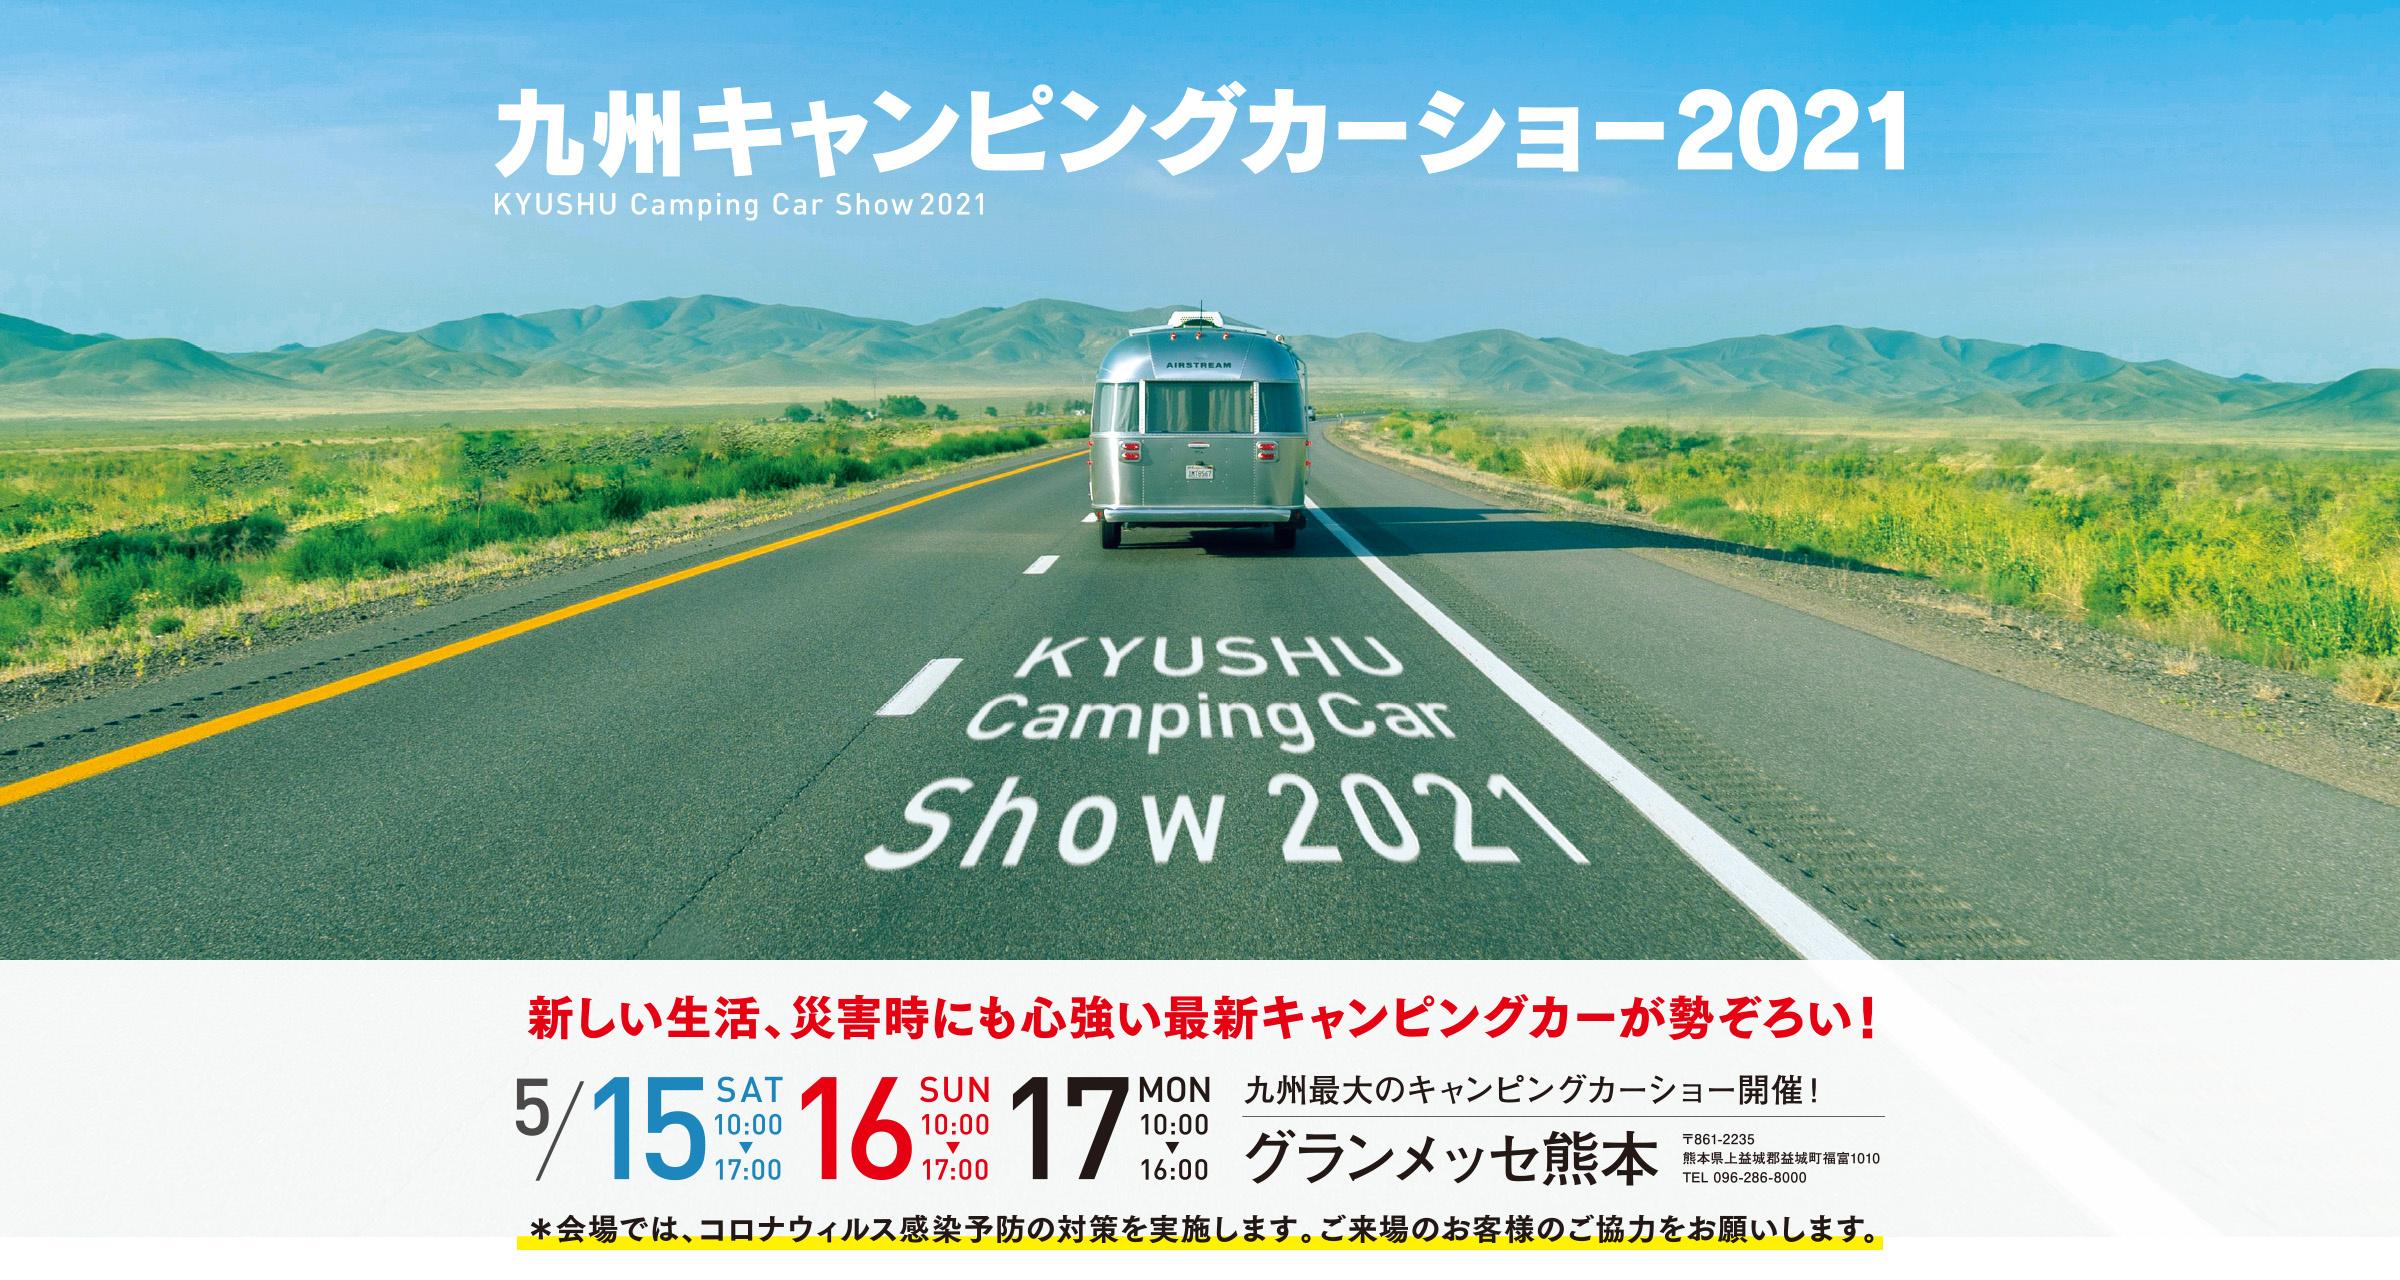 軽キャンパーちょいCamが出展する九州キャンピングカーショー